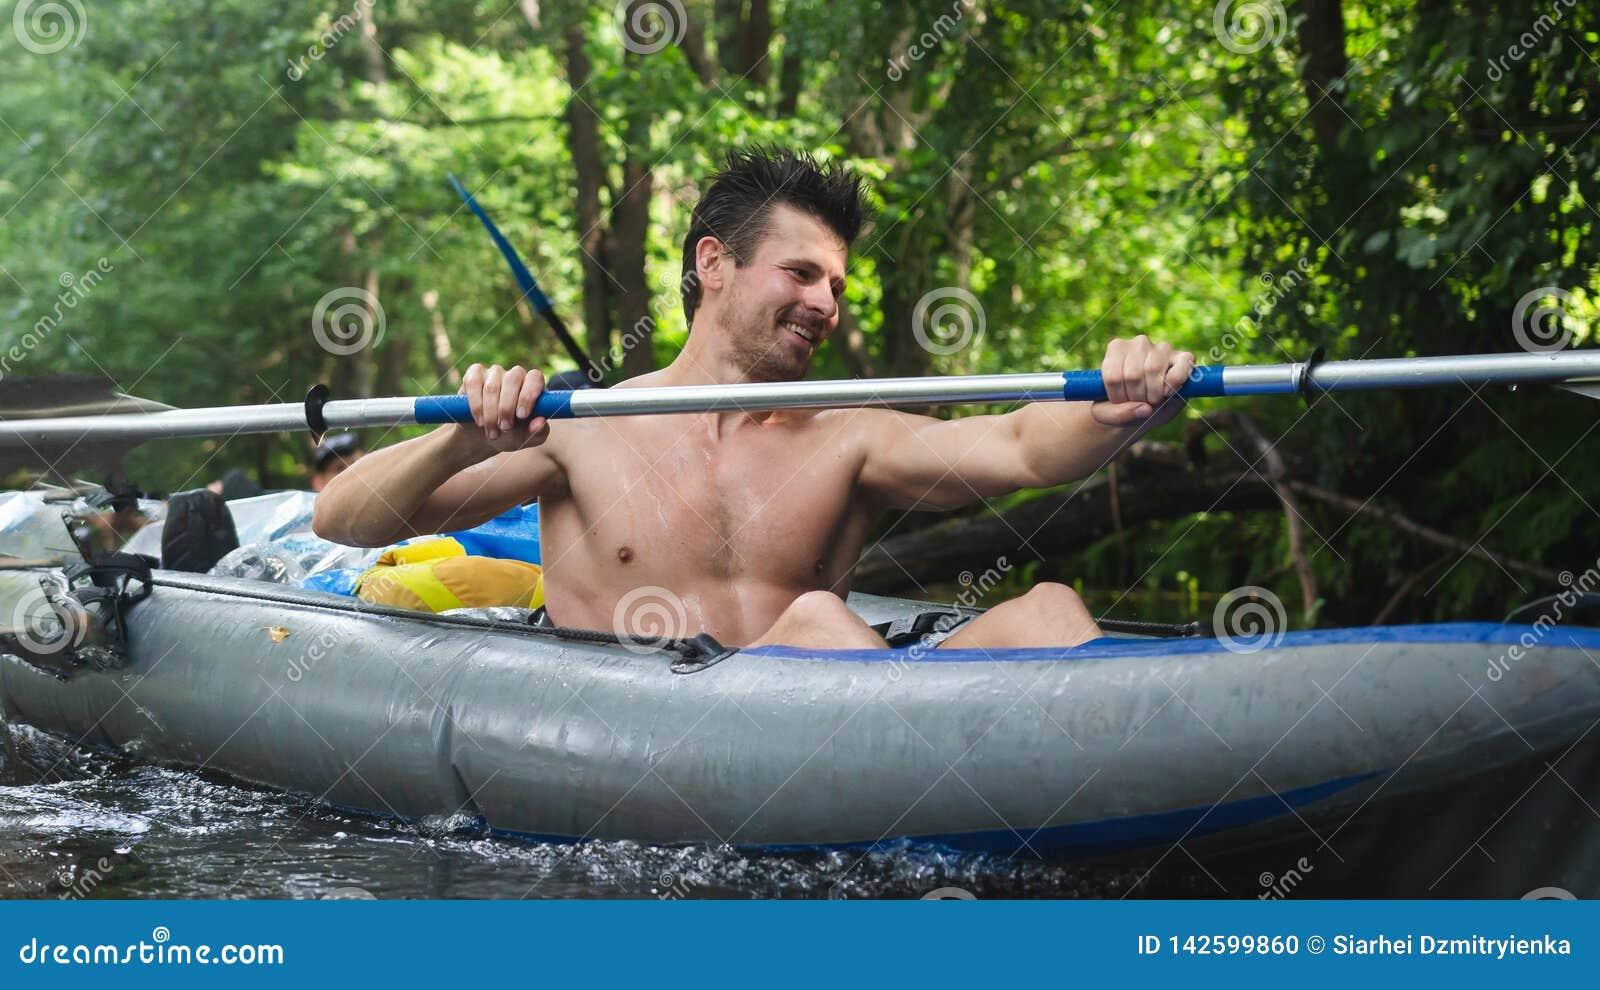 荡桨在河漂流的小船桨的帅哥 划皮船的 独木舟的人用浆划桨的